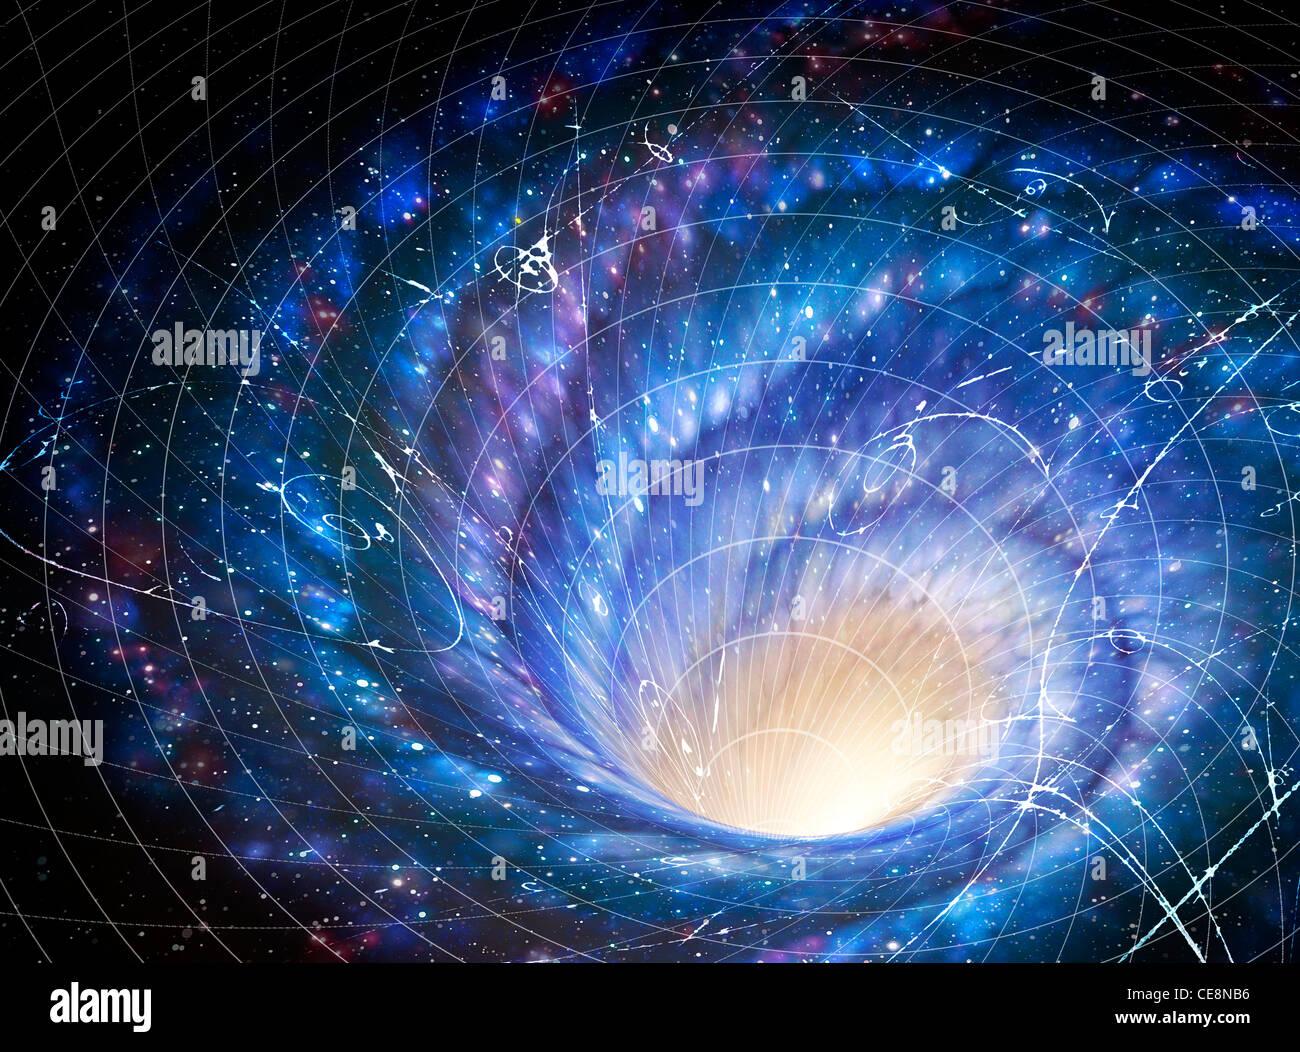 Illustrazione che mostra la galassia jacuzzi gigante nello spazio galassia effetto sullo spazio immagine mostra Immagini Stock